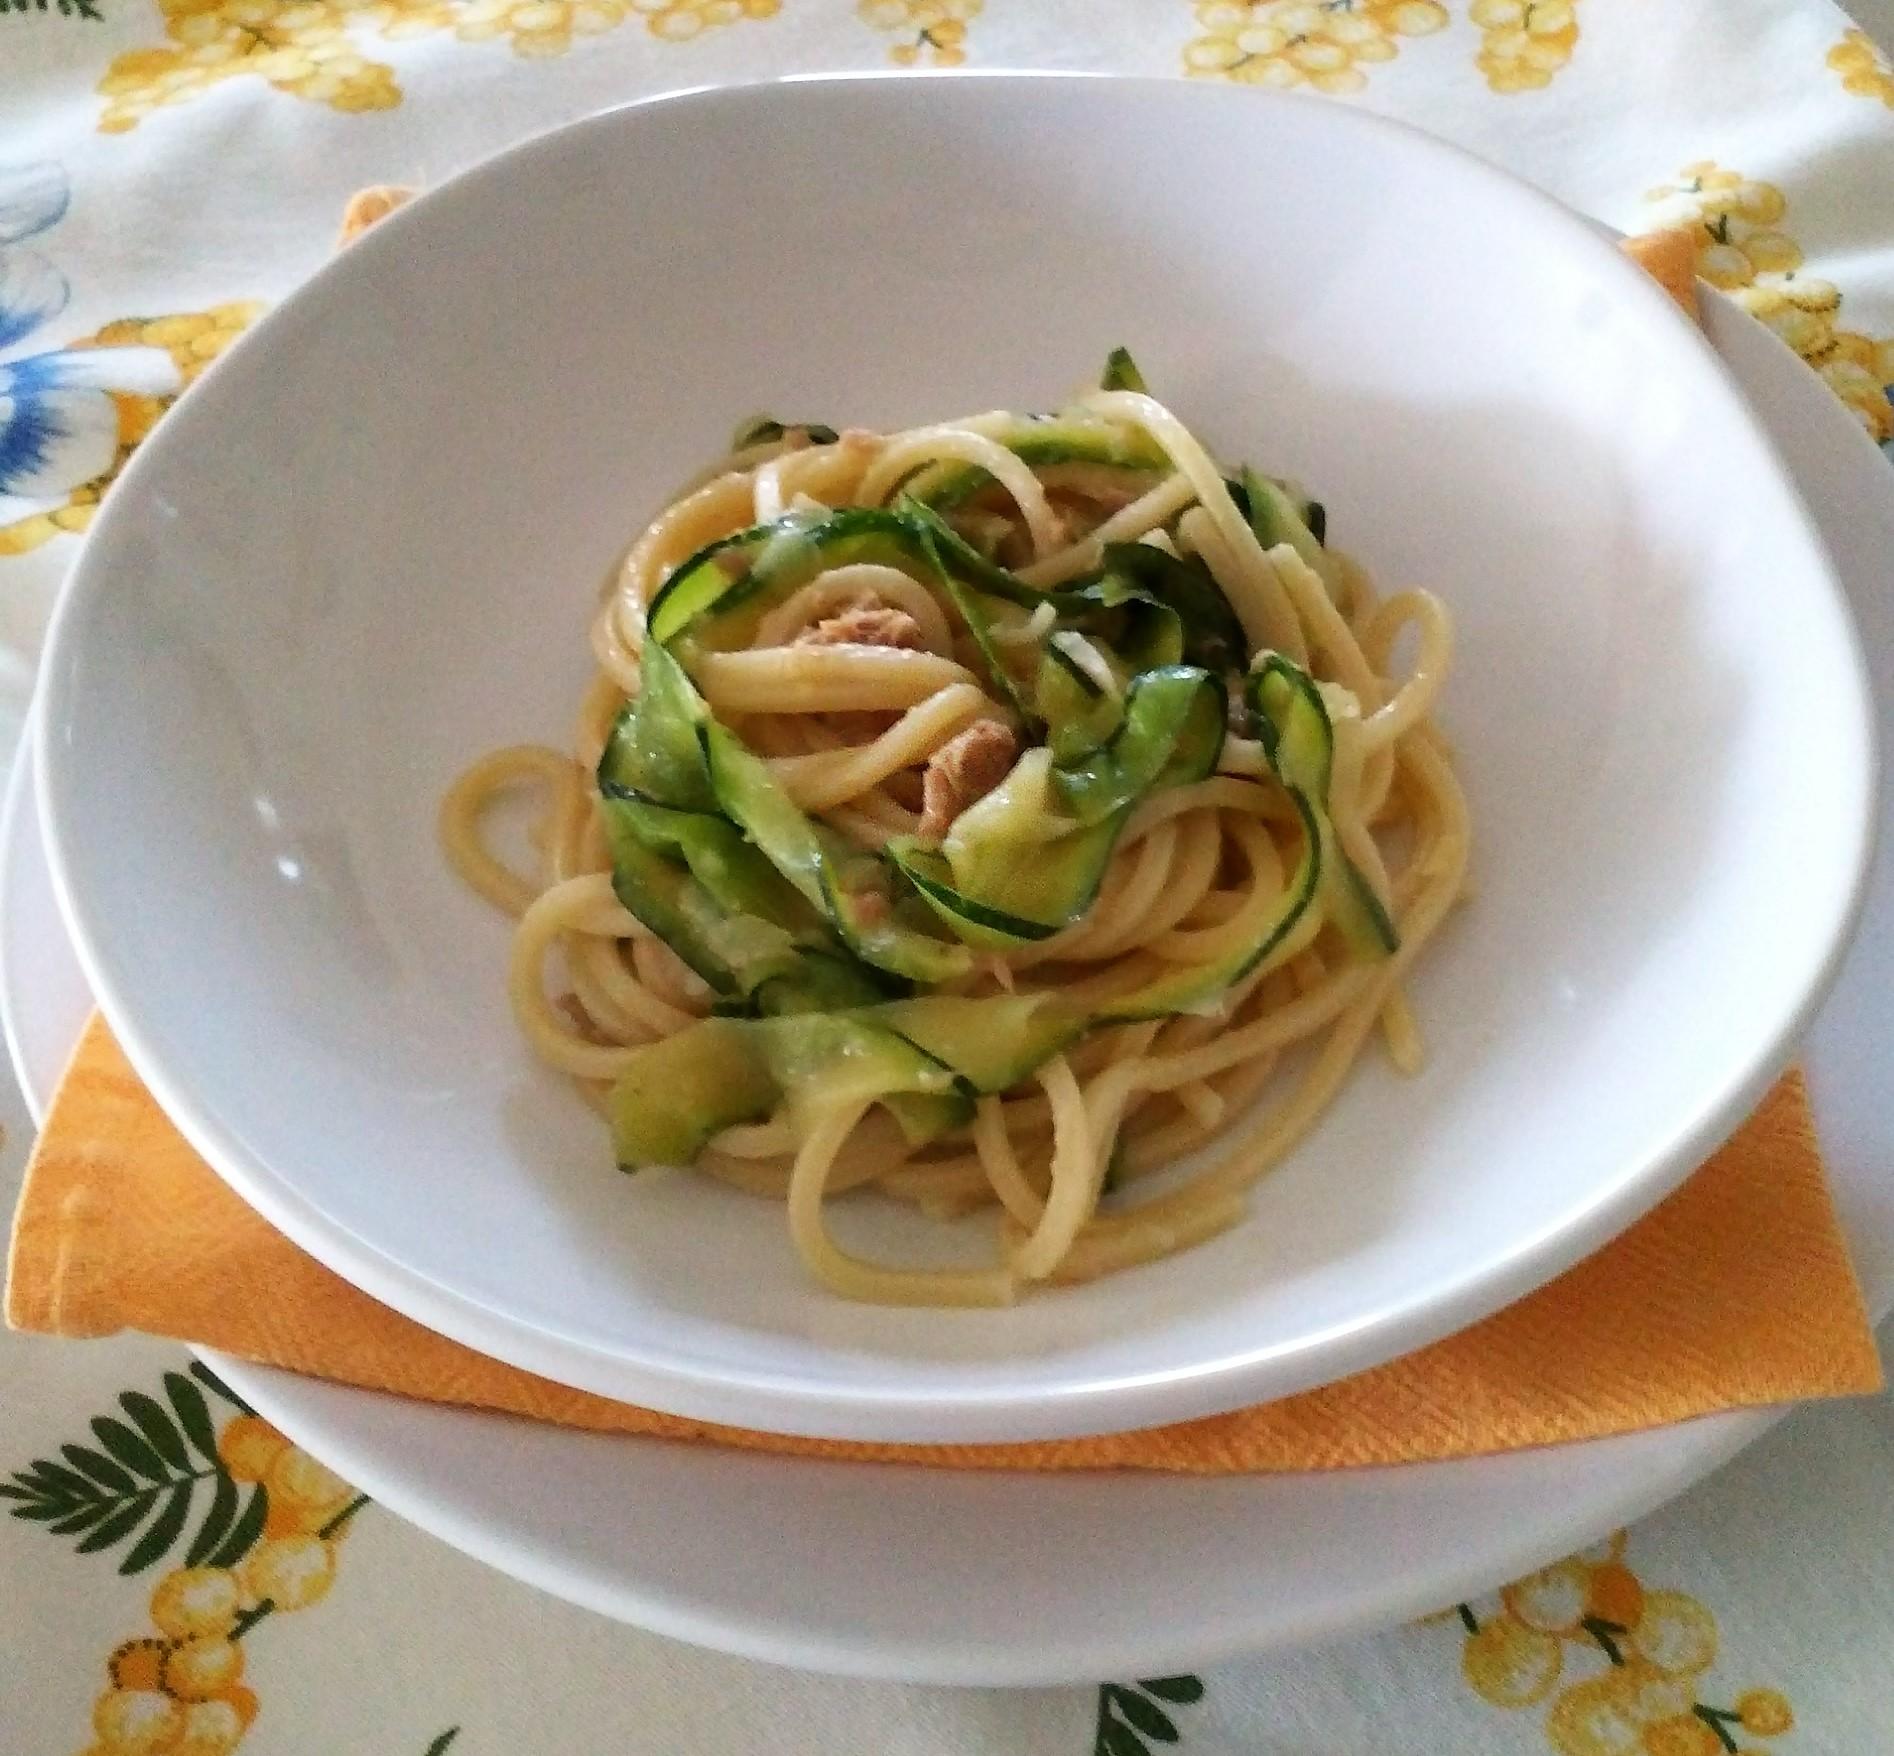 Spaghetti con tonno e zucchine alla julienne la tavola for Verdure alla julienne